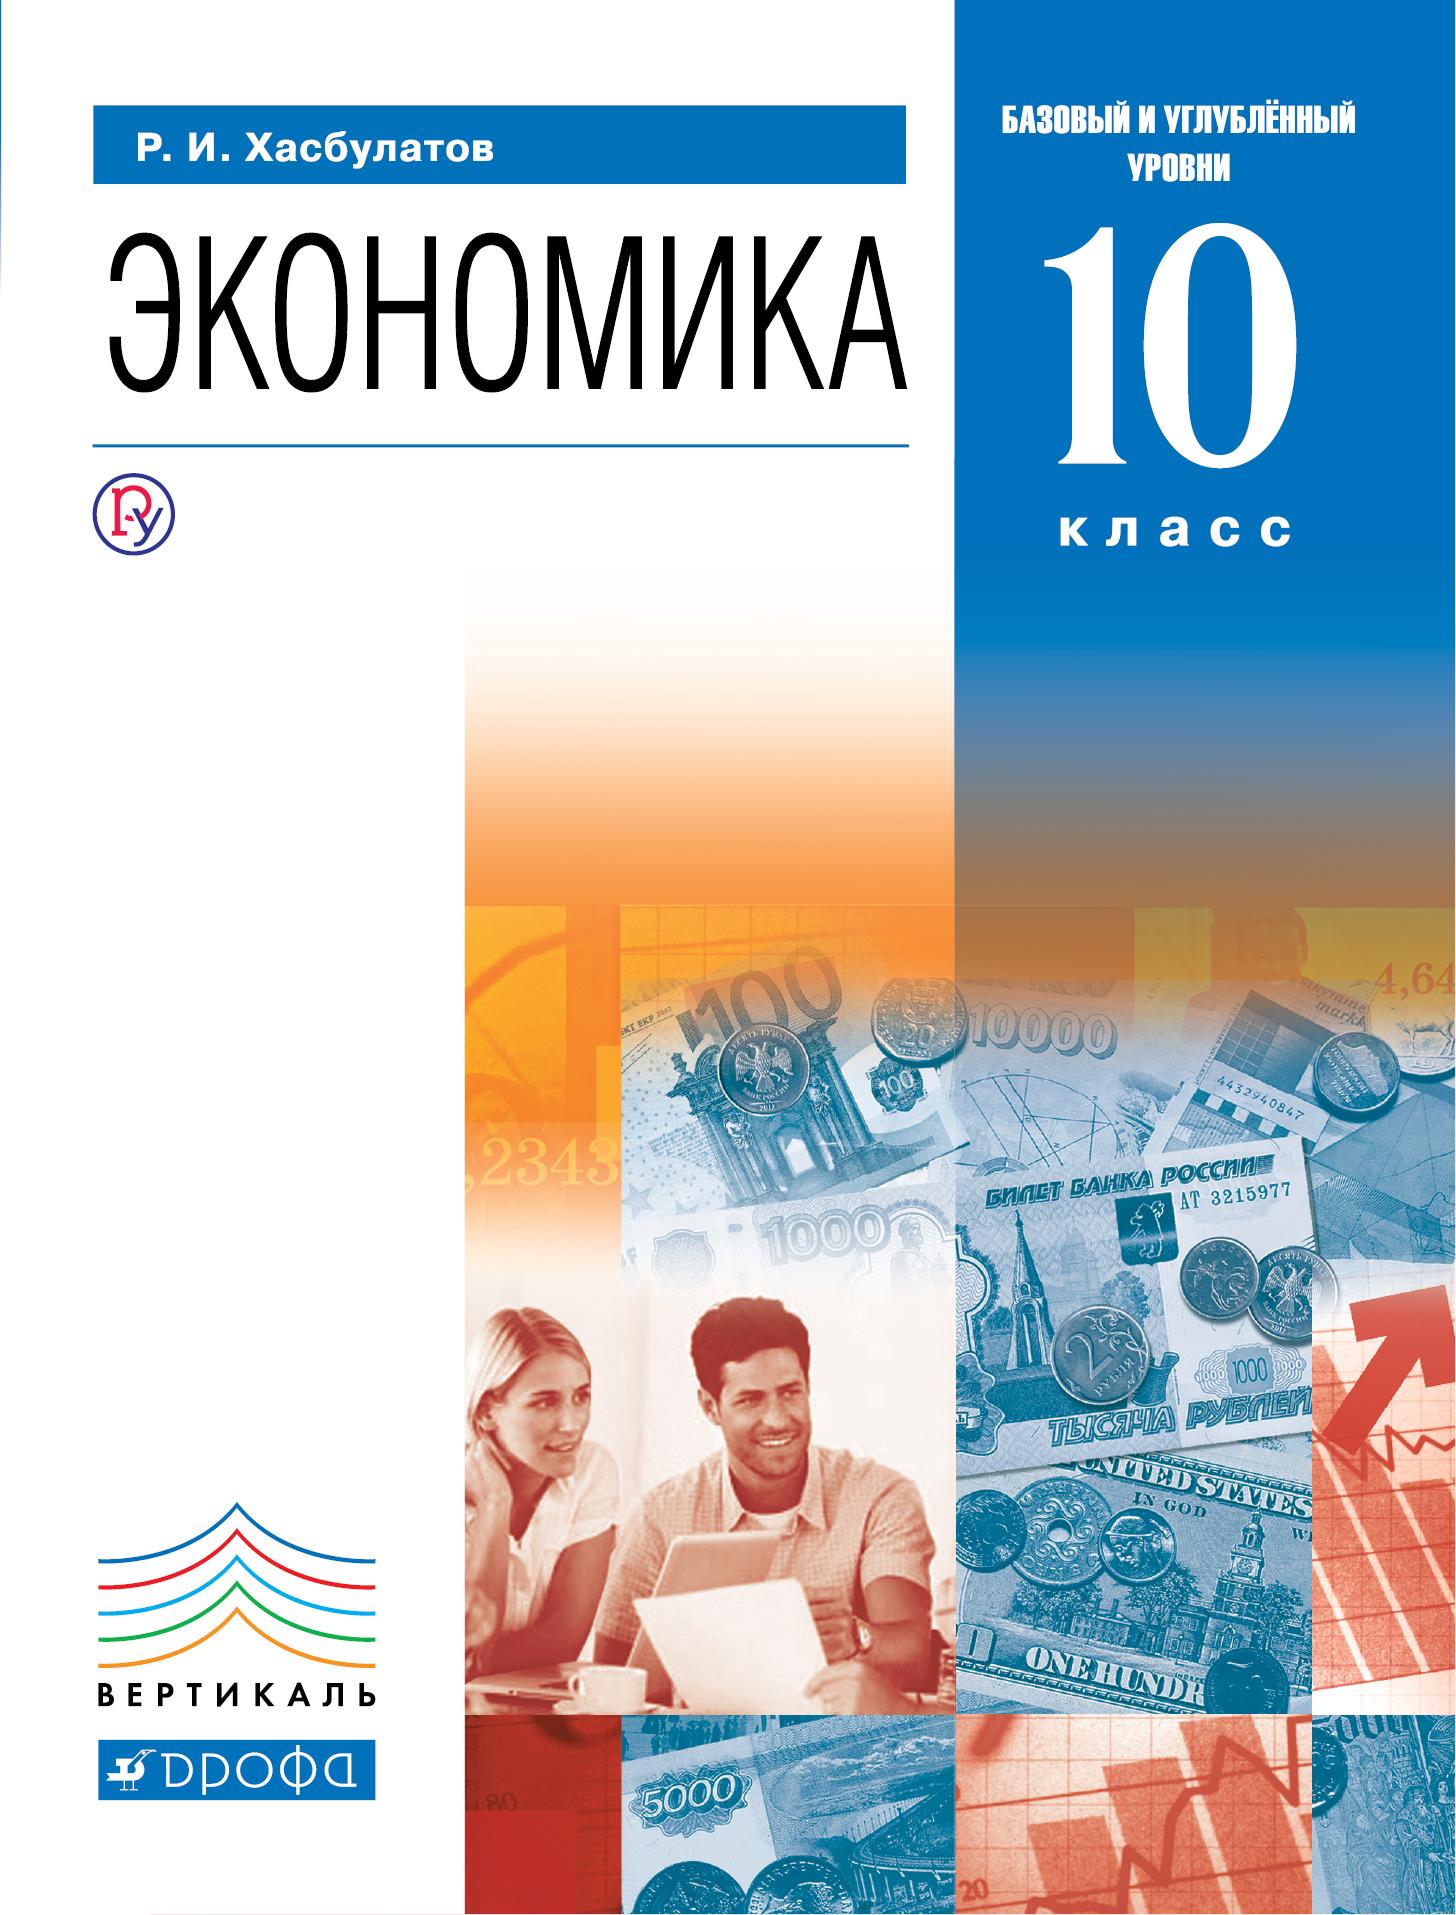 Хасбулатов Руслан Имранович Экономика. 10 класс. Базовый и углубленный уровни. Учебник.